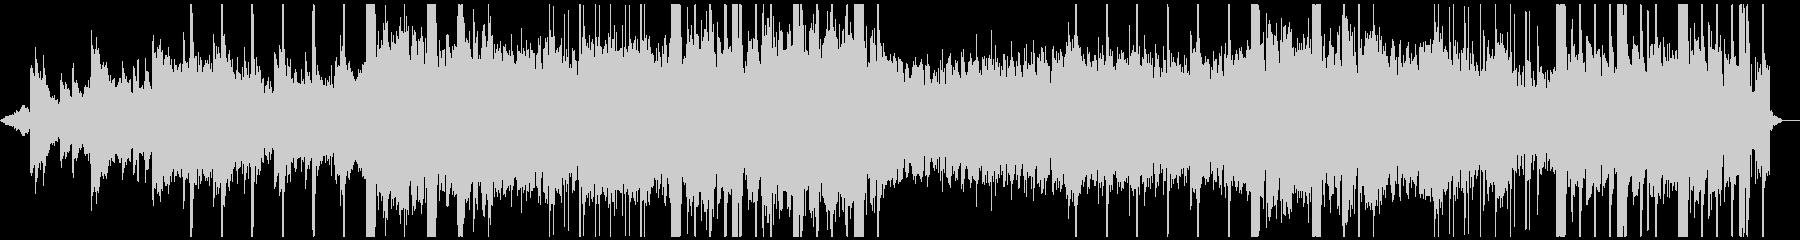 ノイズが印象的なピアノ曲ですの未再生の波形